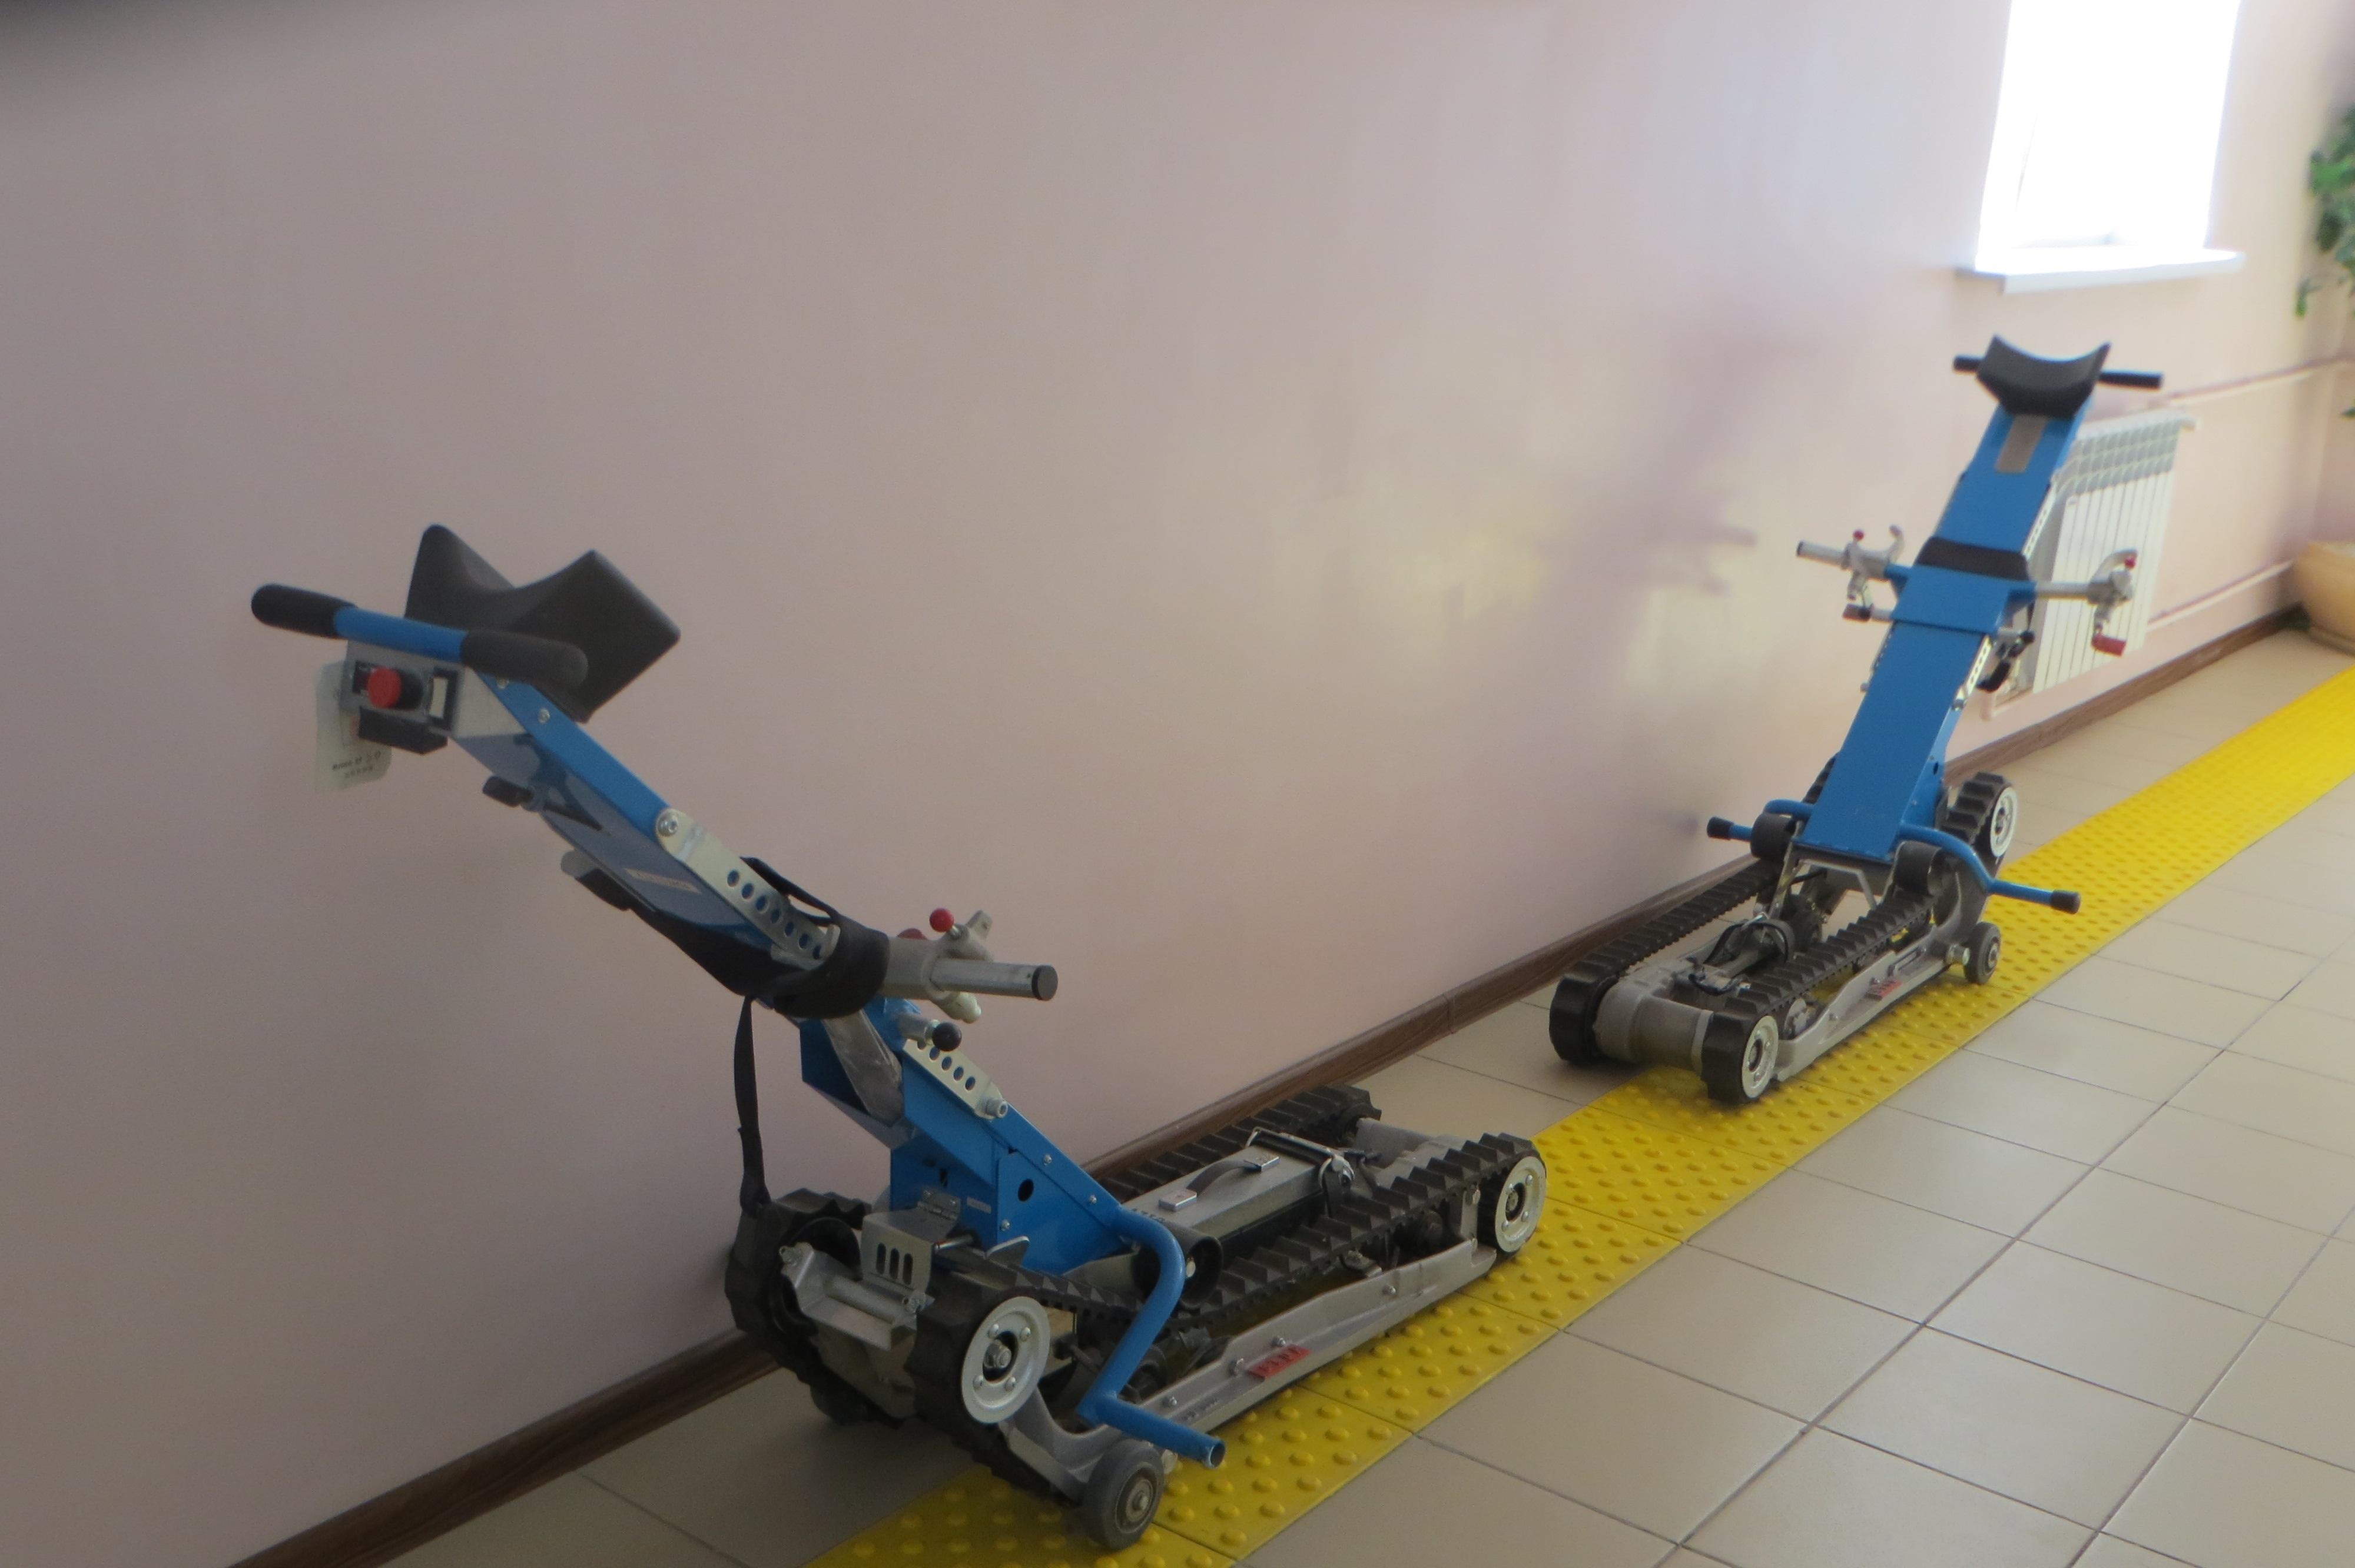 Картинки по запросу среда для инвалидов в школе